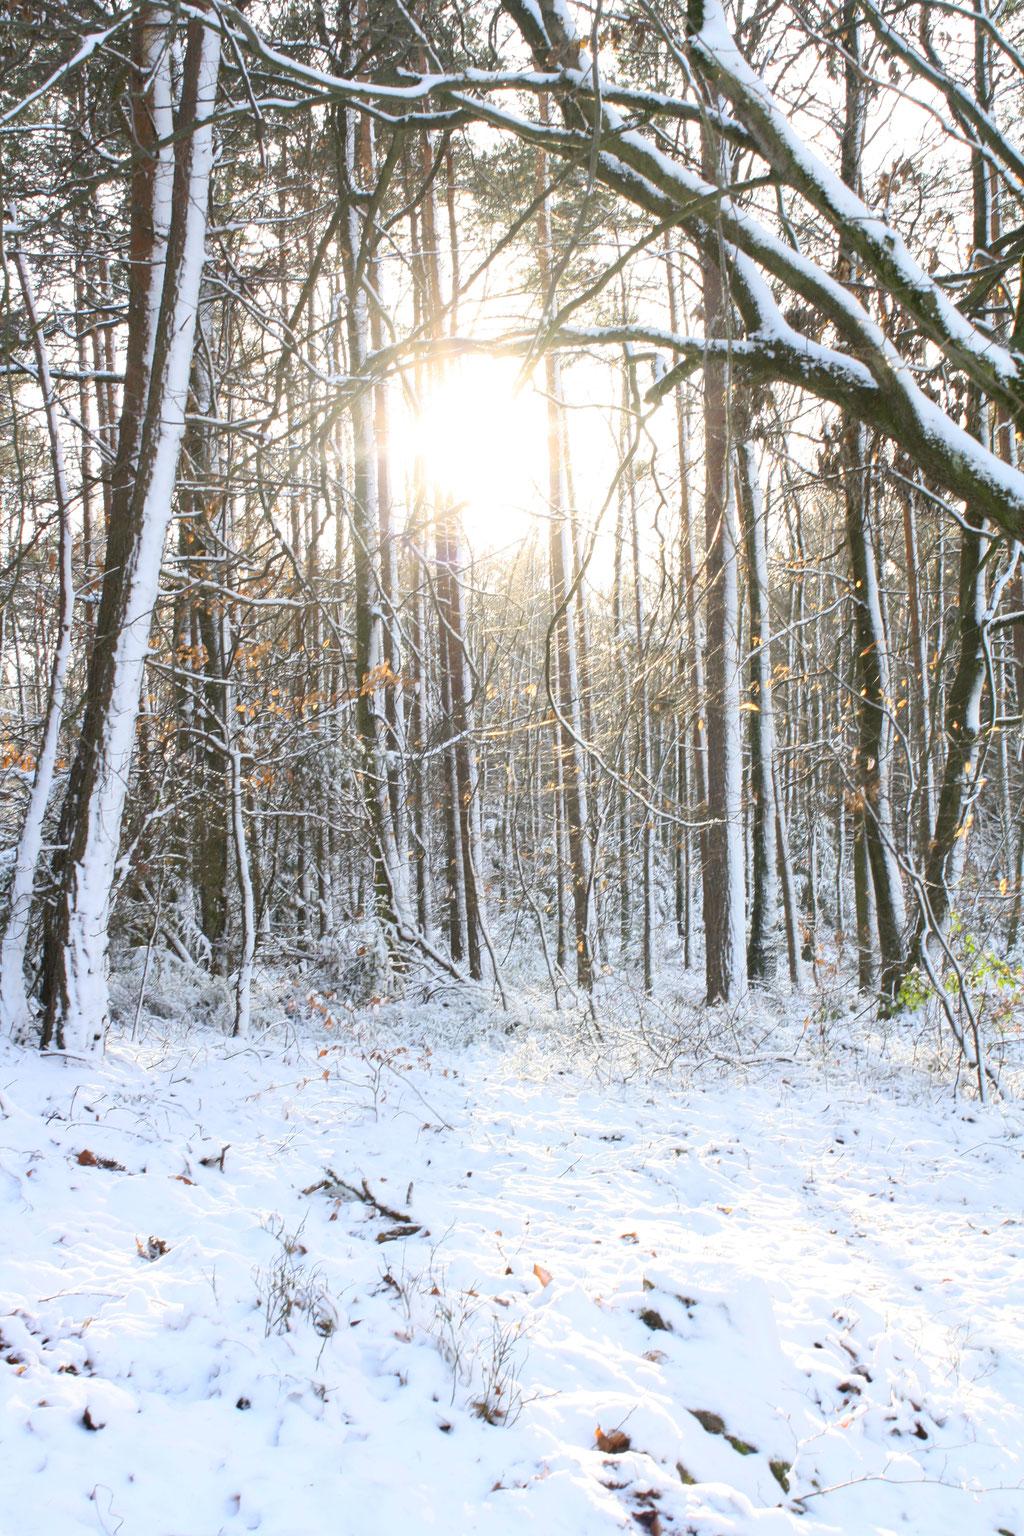 Schneelandschaft im verschneiten Wald.